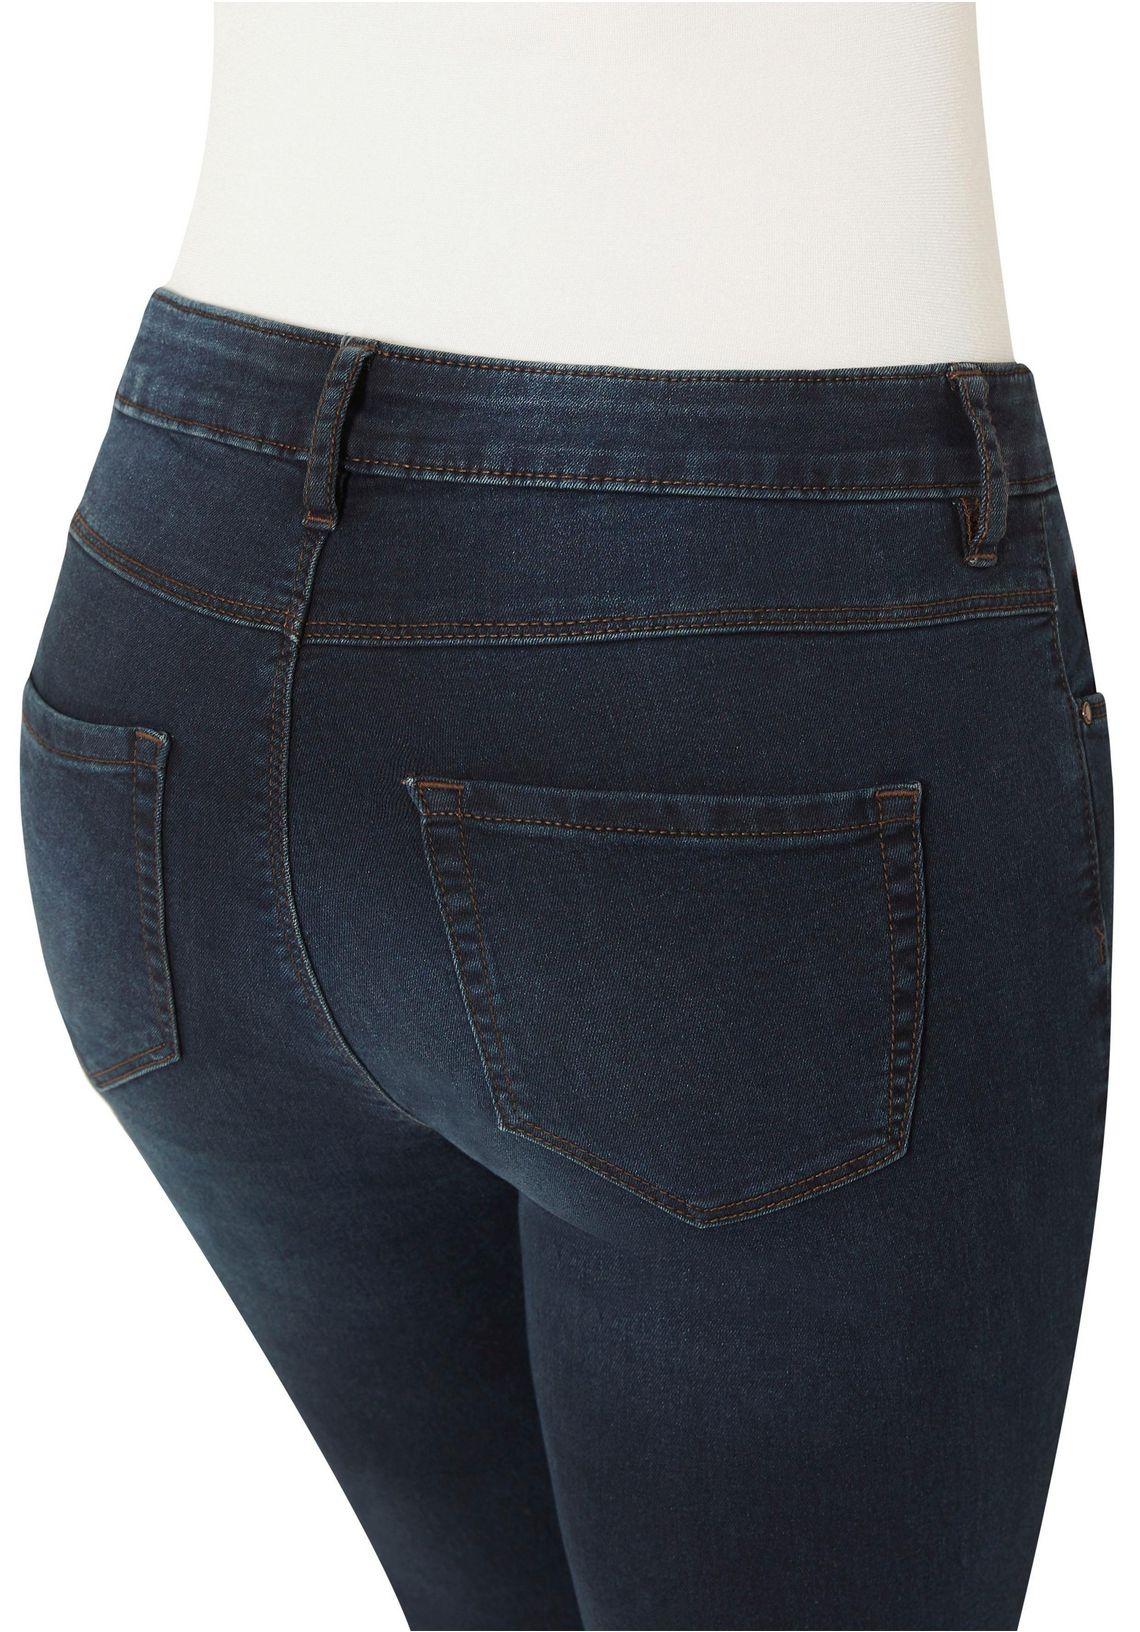 Stooker Women Slim Fit Jeans Online Verkrijgbaar Blue-black-denim 0pwn5l5D